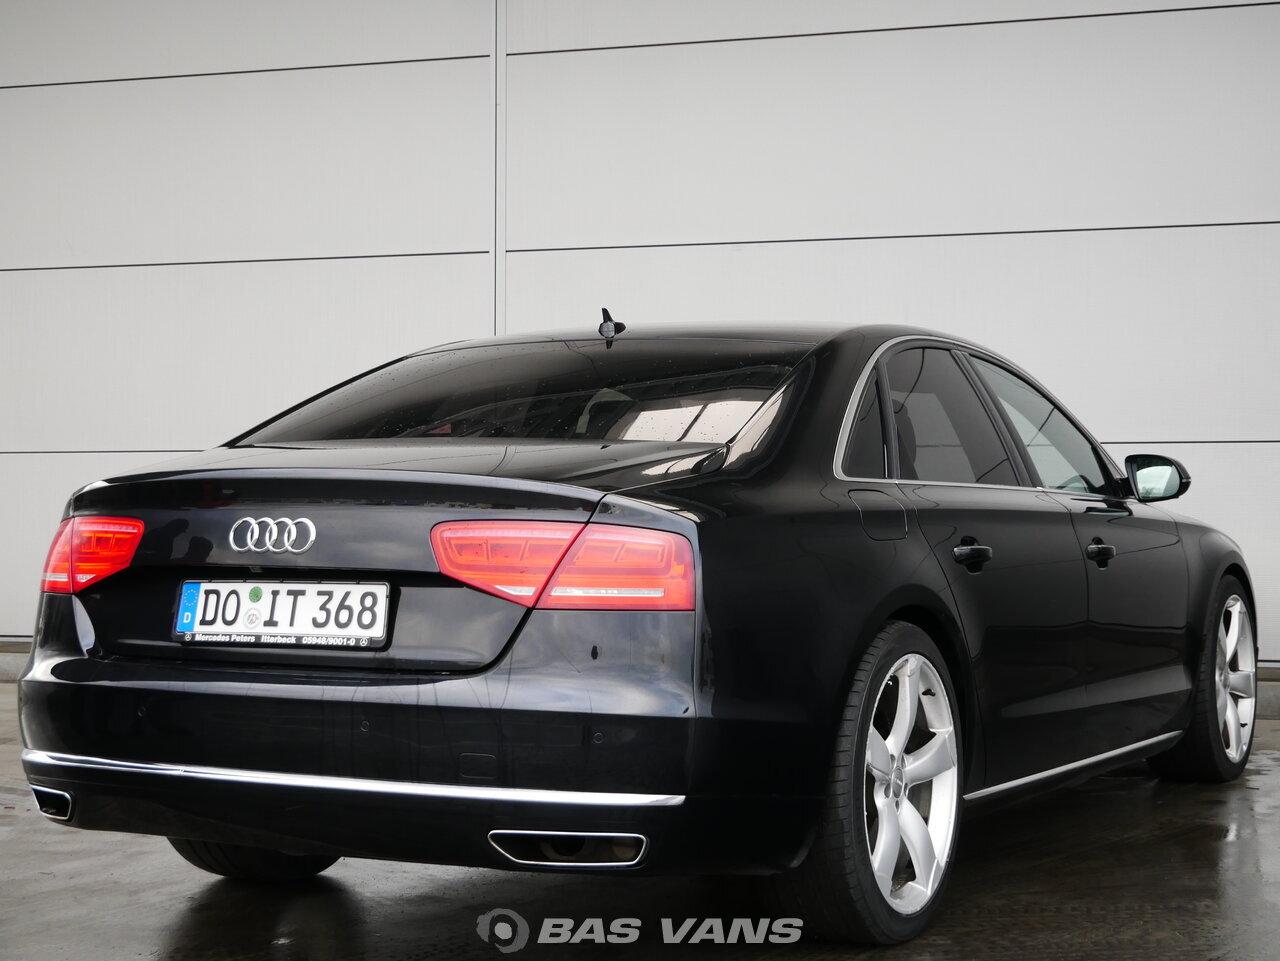 Kelebihan Kekurangan Audi A8 2012 Tangguh